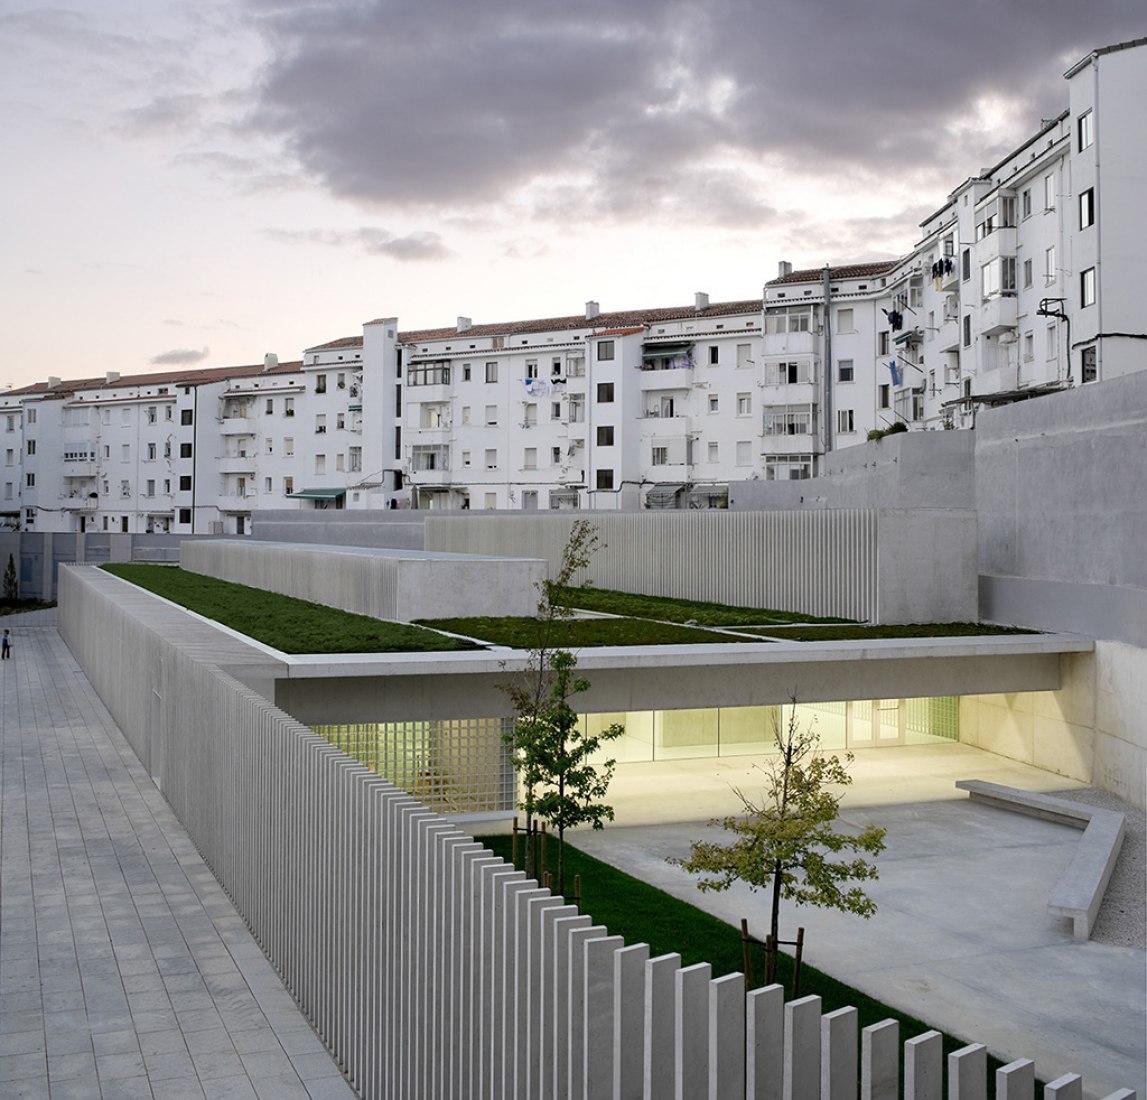 Vista exterior. Escuela infantil en La Milagrosa por Pereda Pérez Arquitectos. Fotografía © Pedro Pegenaute.